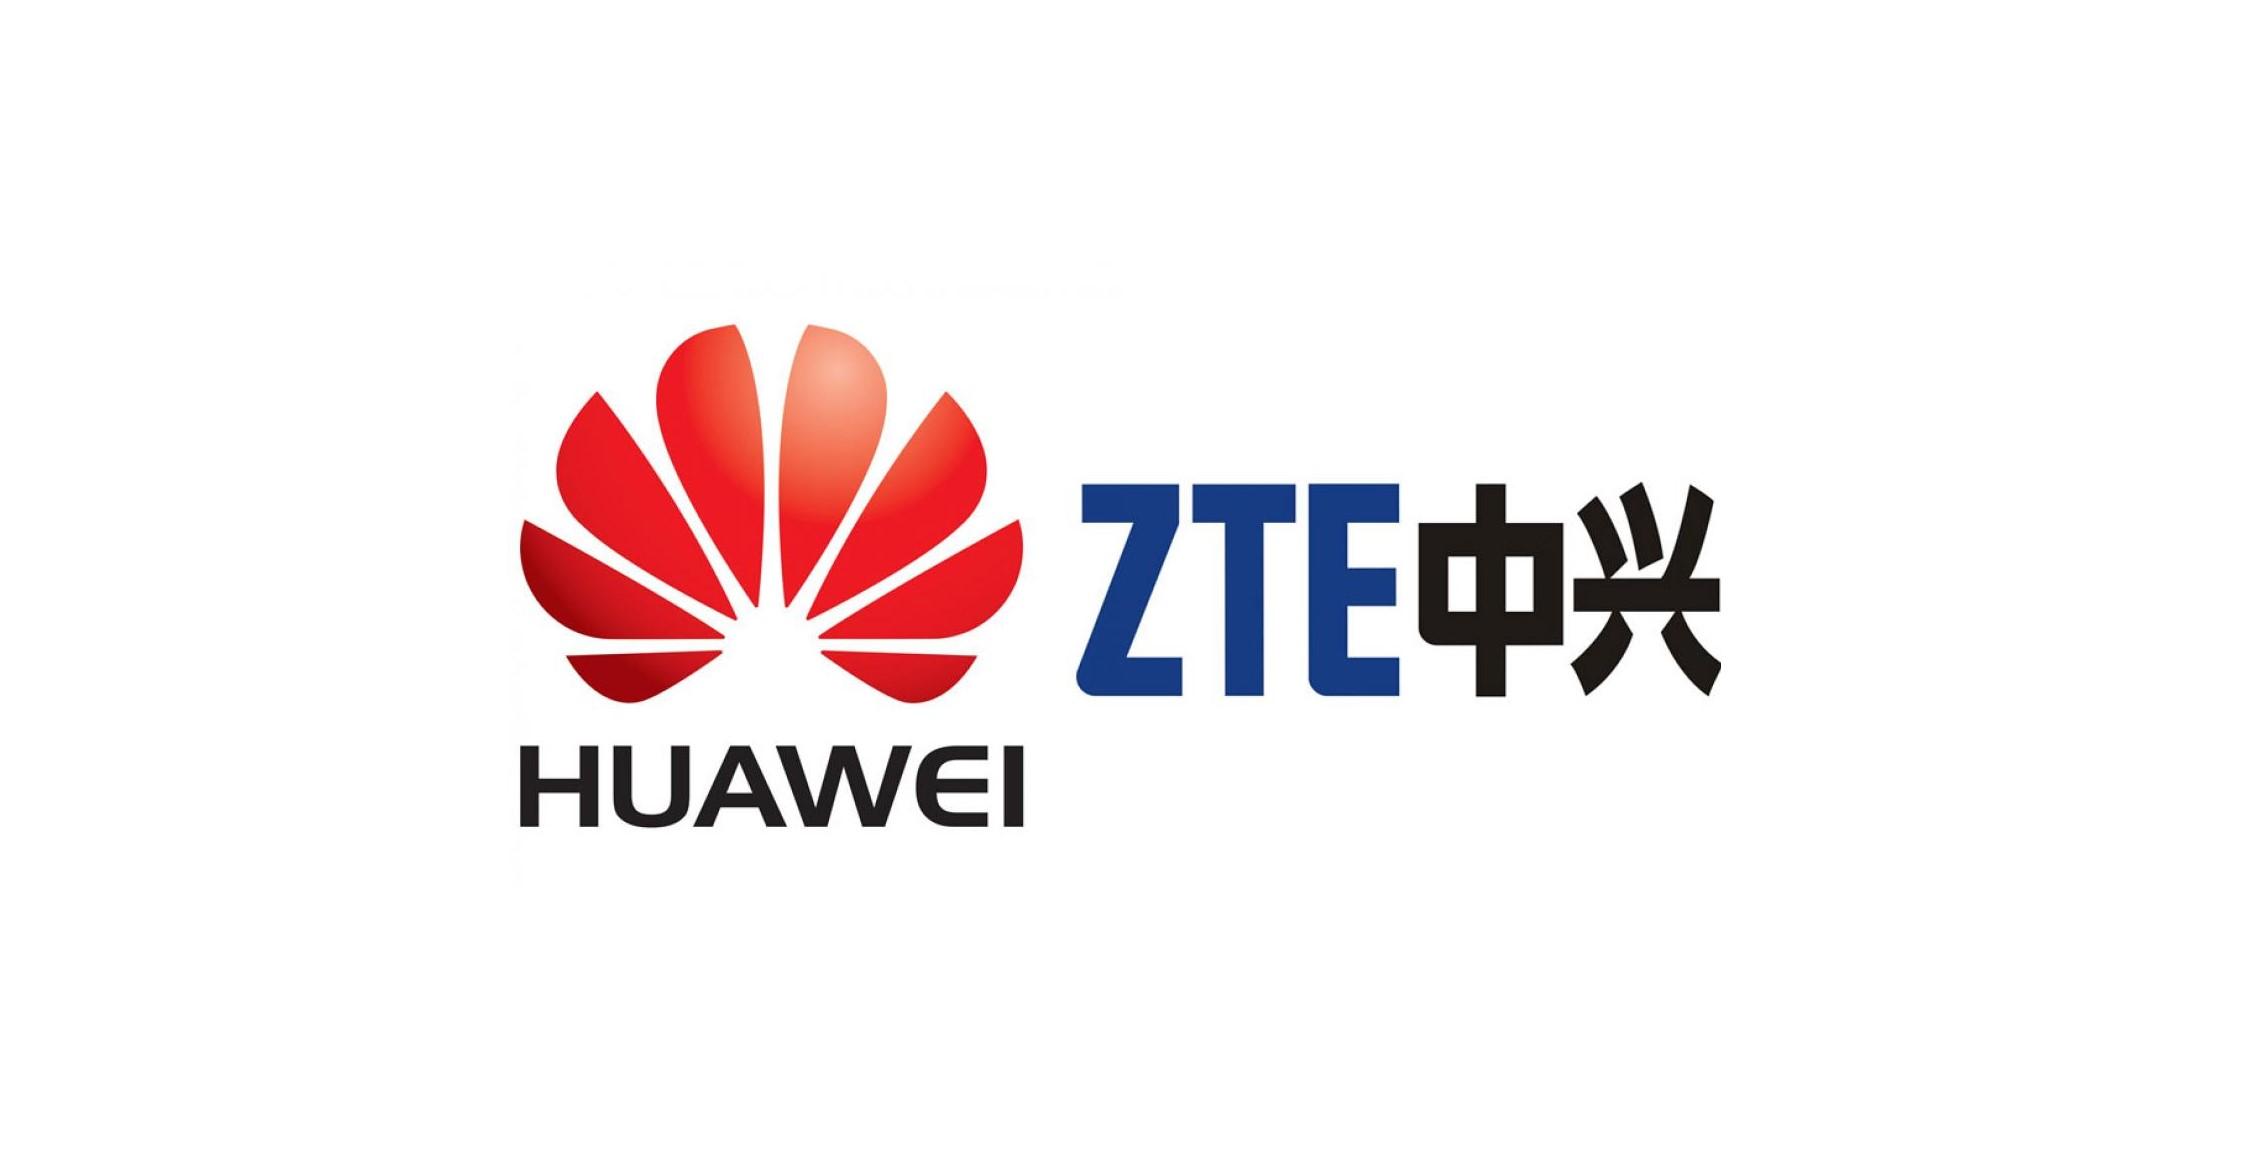 Zákaz Huawei a ZTE by se Evropě pěkně prodražil, až o 55 miliard eur